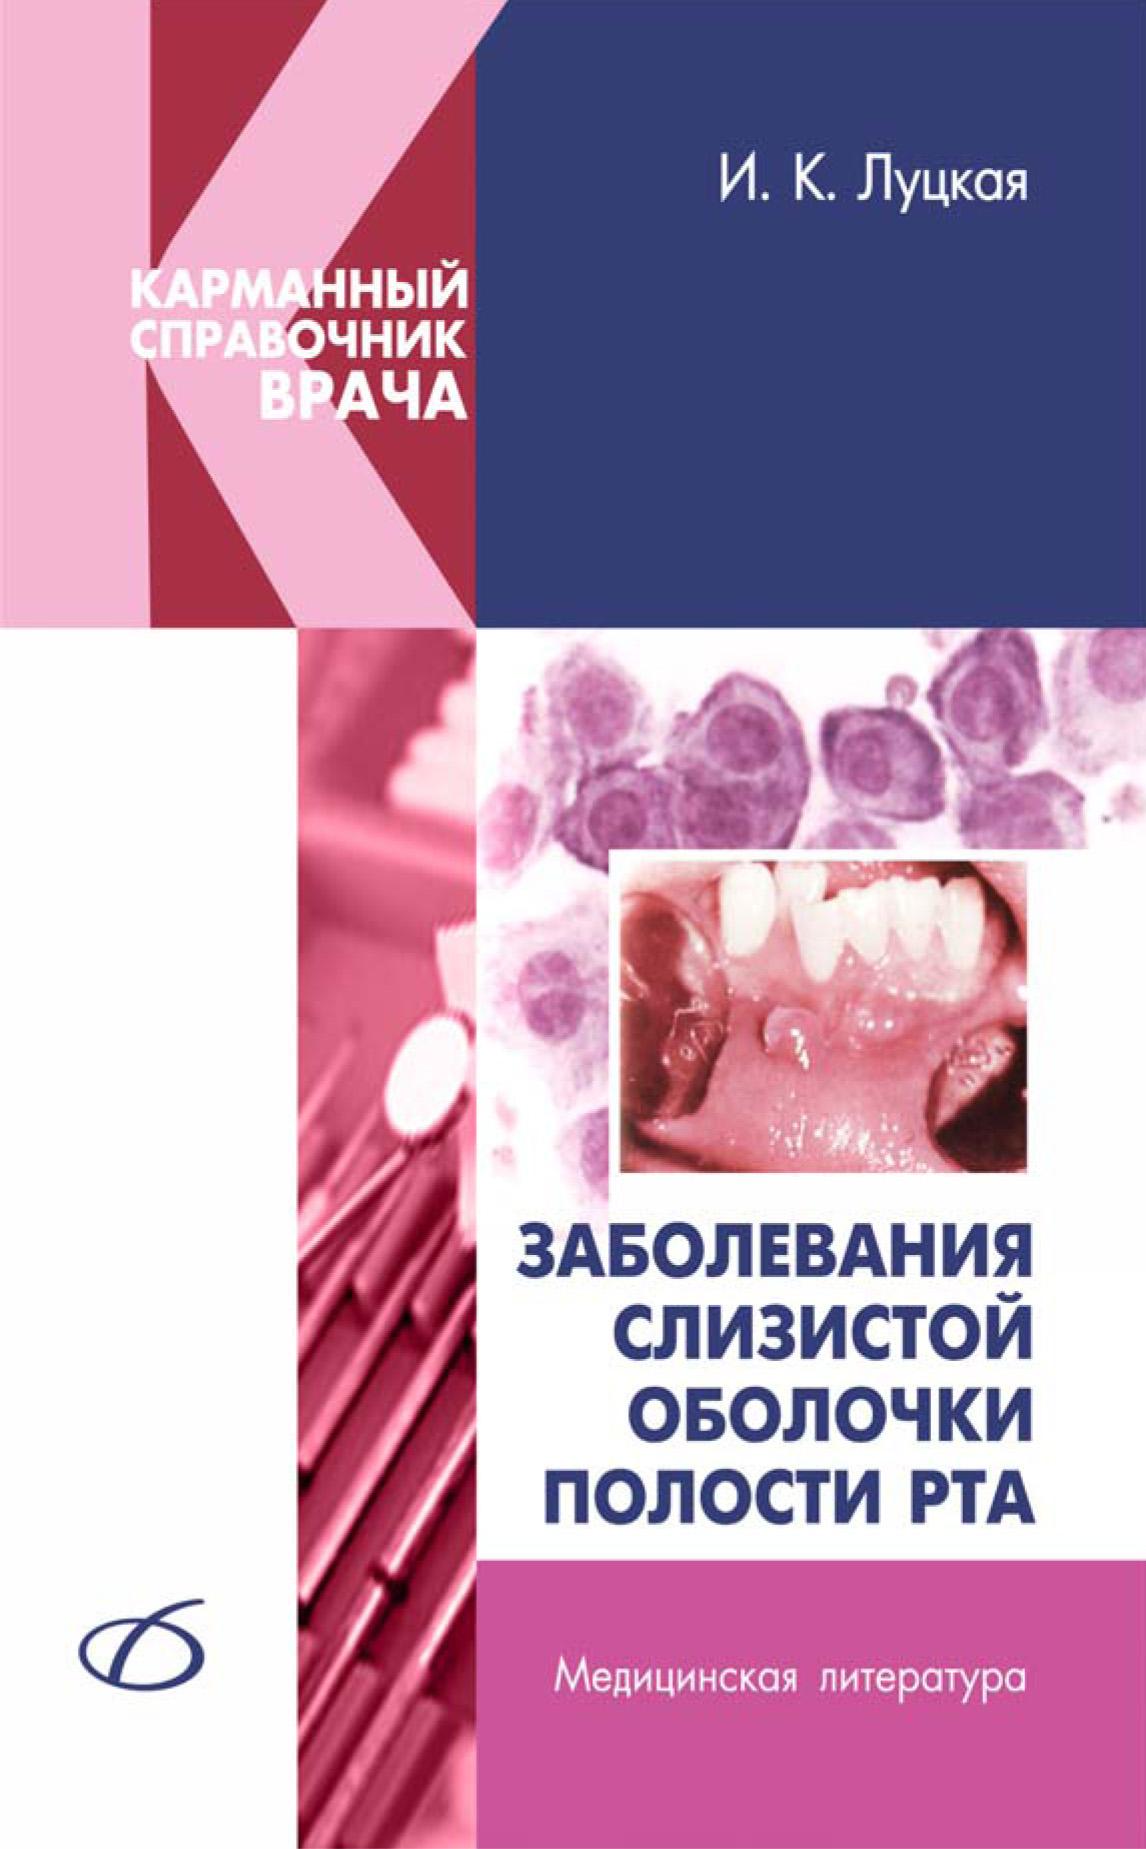 Заболевания слизистой оболочки полости рта